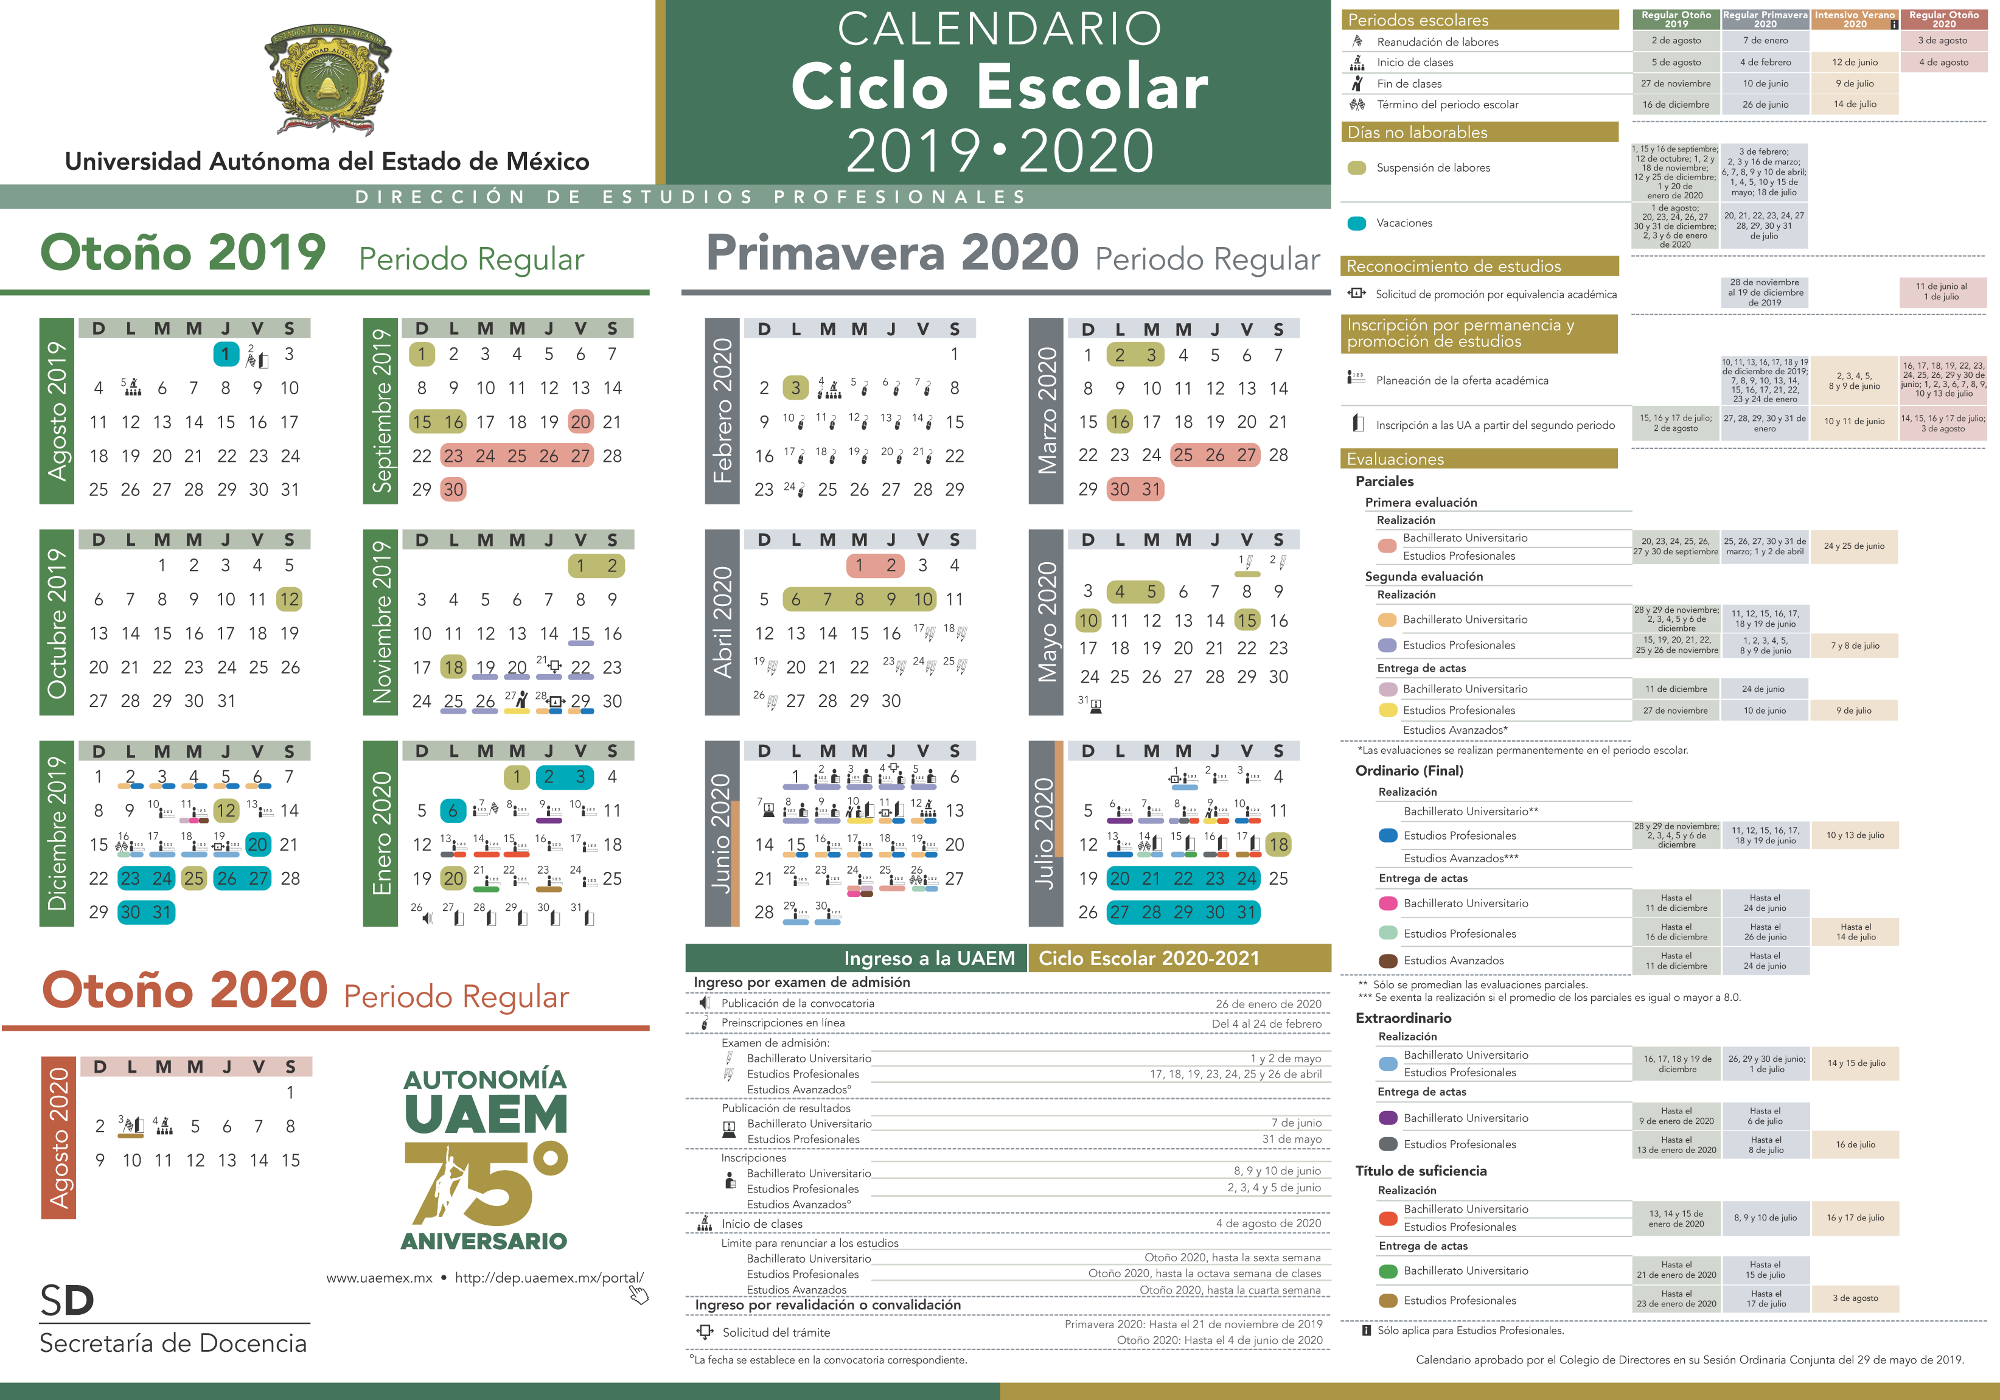 Calendario Julio 2020 Para Imprimir.Calendario